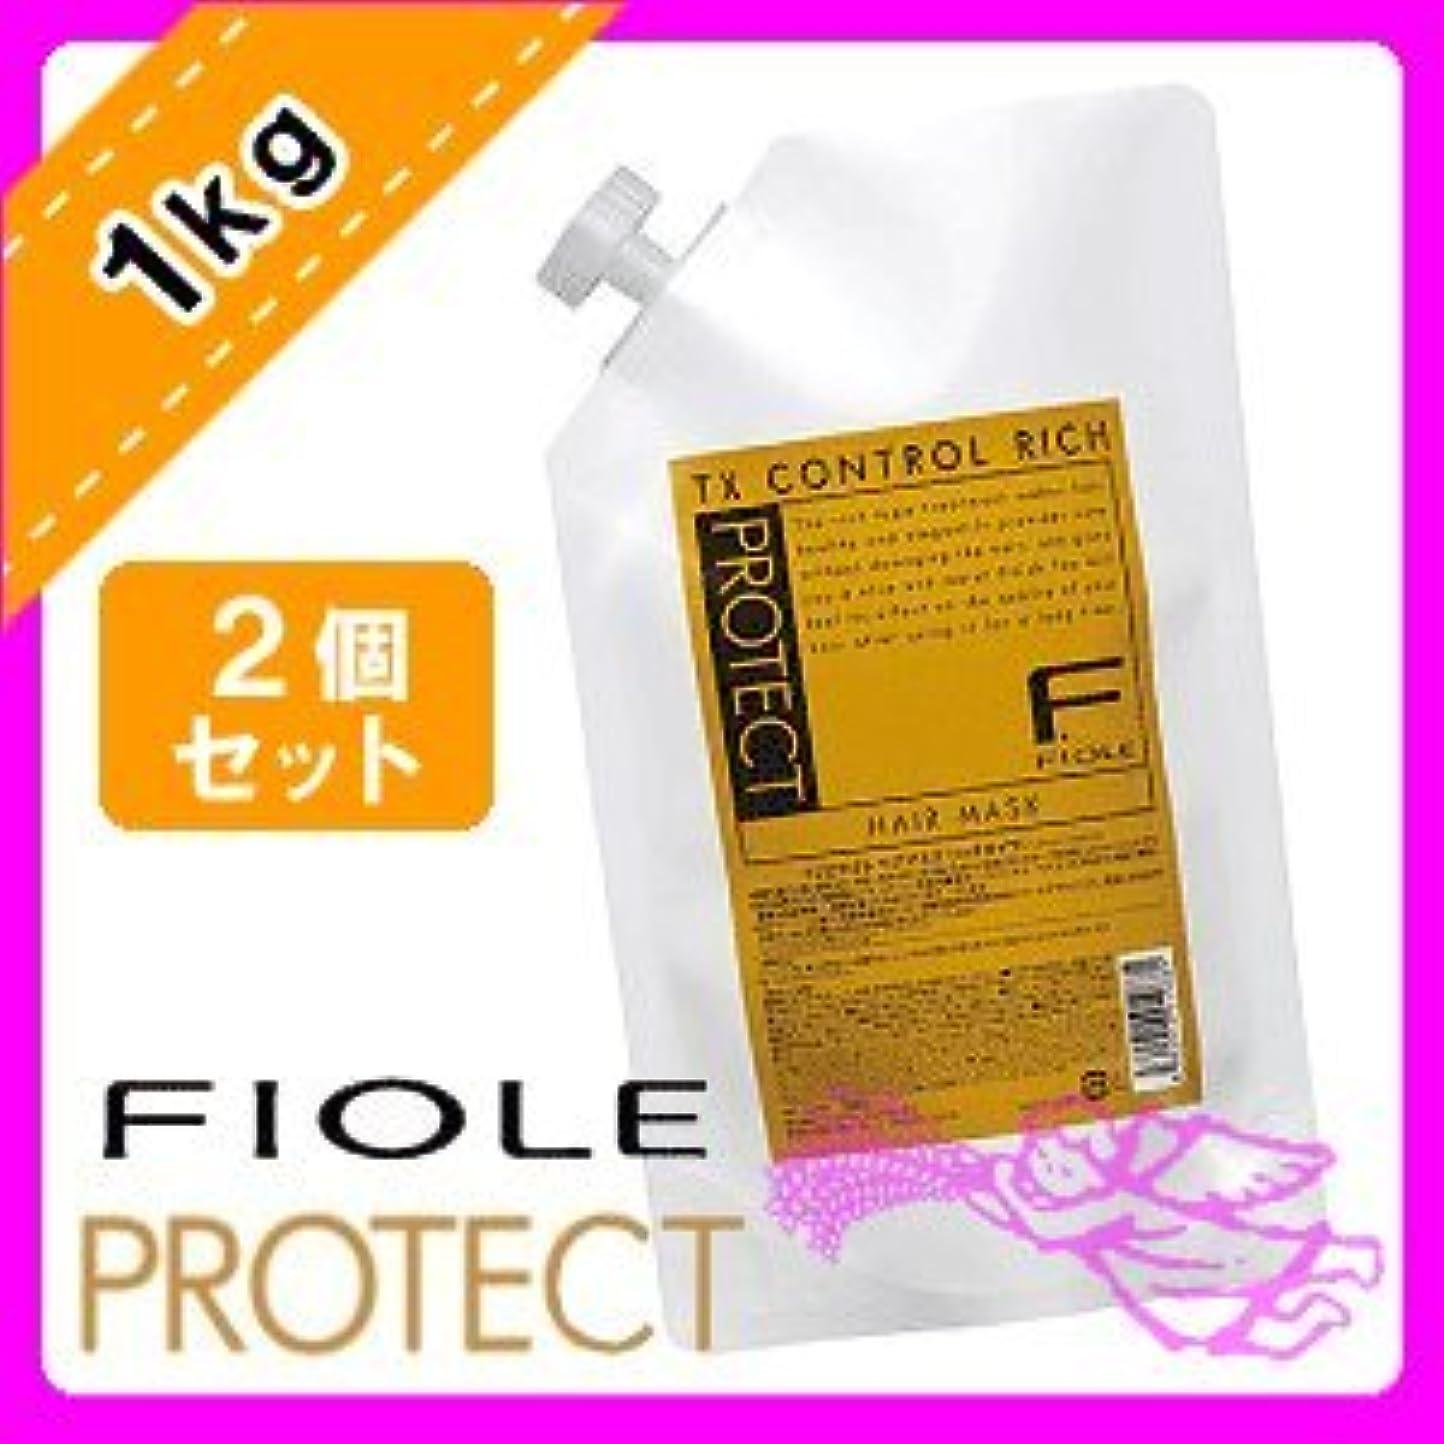 言い聞かせる不適解体するフィヨーレ Fプロテクト ヘアマスク リッチ <1000g×2個セット> 詰め替え用 MR FIOLE Fprotect 毛先しっとり